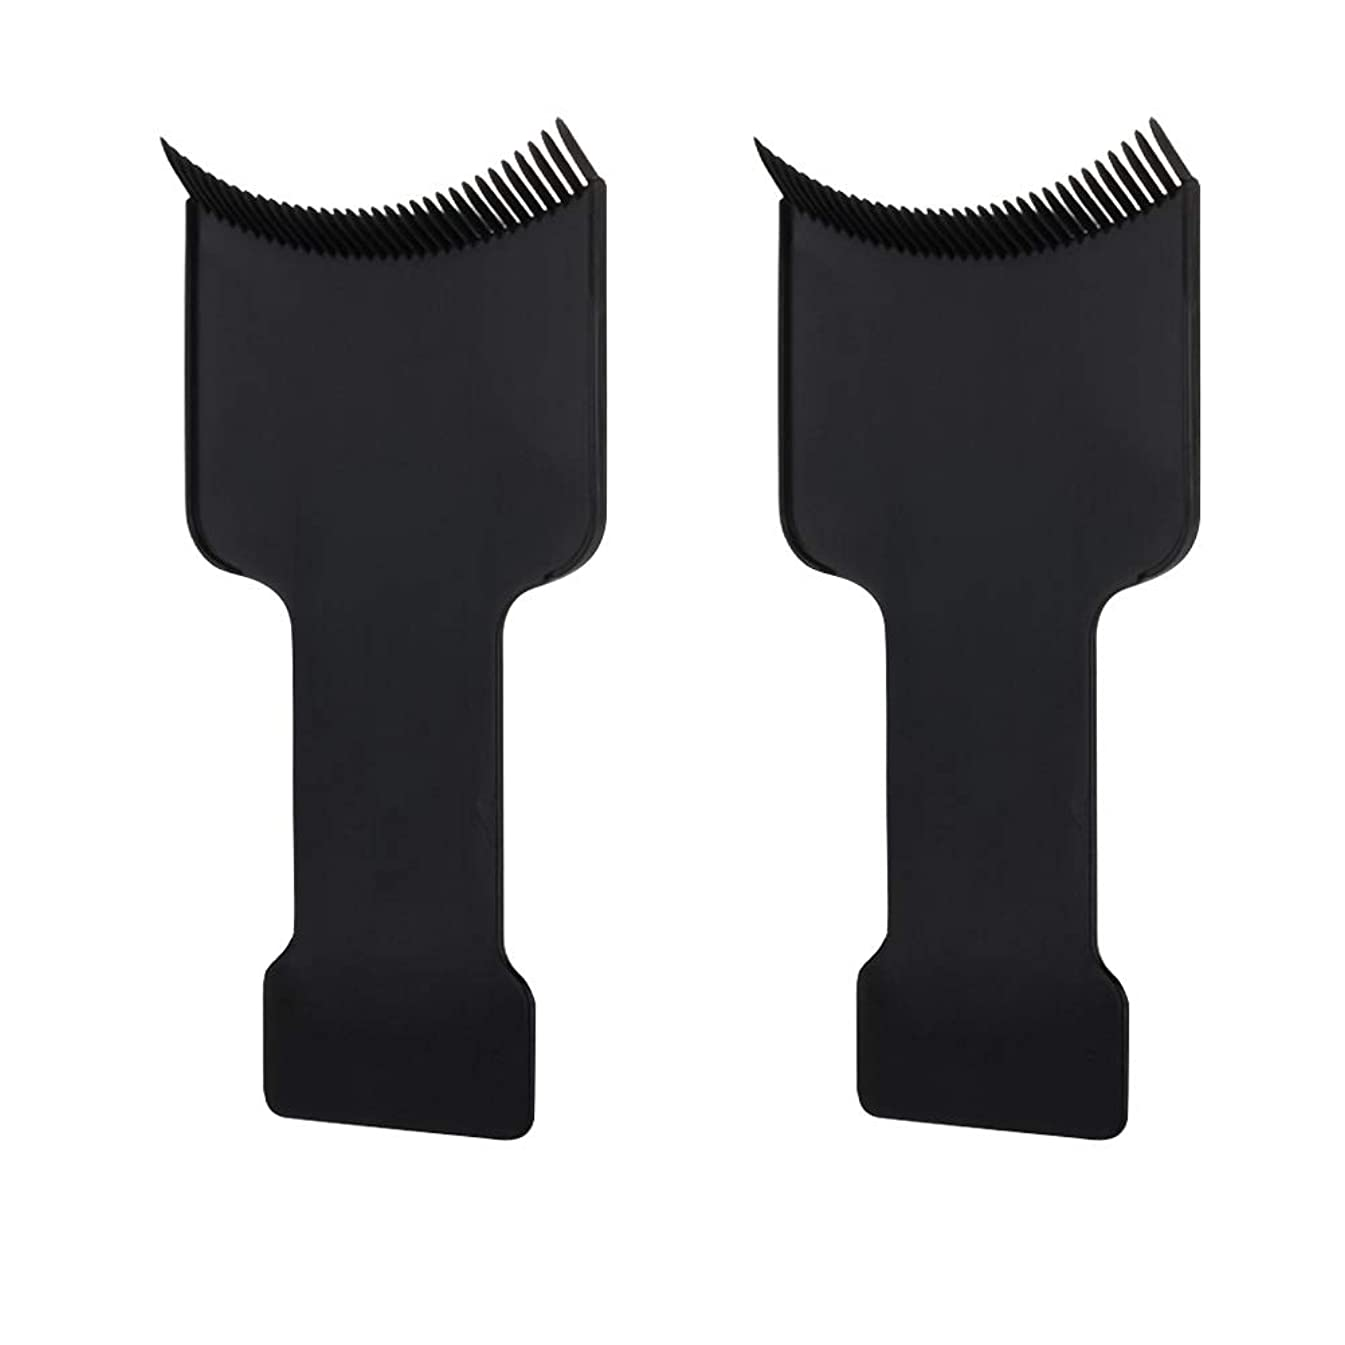 面倒シロクマ最初HEALIFTY 2本入りヘアカラーコームブラシ付きロングボードティントヘアブラシツール用ヘアダイ理髪(Sサイズ)